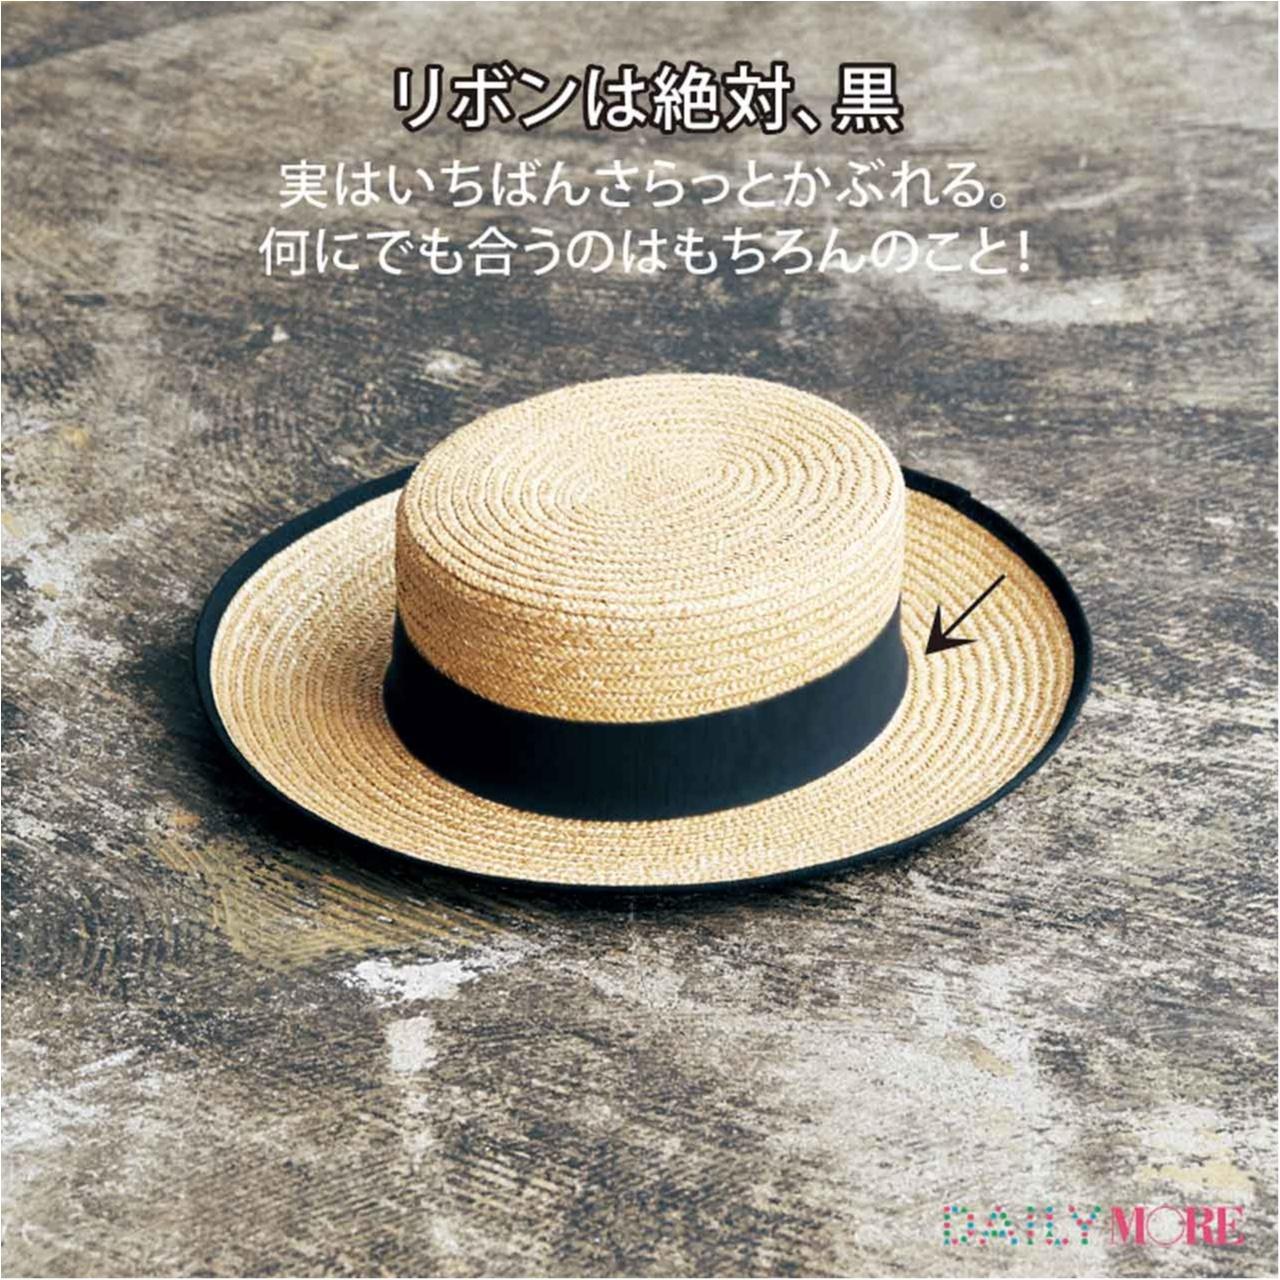 それ、ちゃんとおしゃれに見えていますか? 【カンカン帽】の選び方、3つのポイント!_1_5